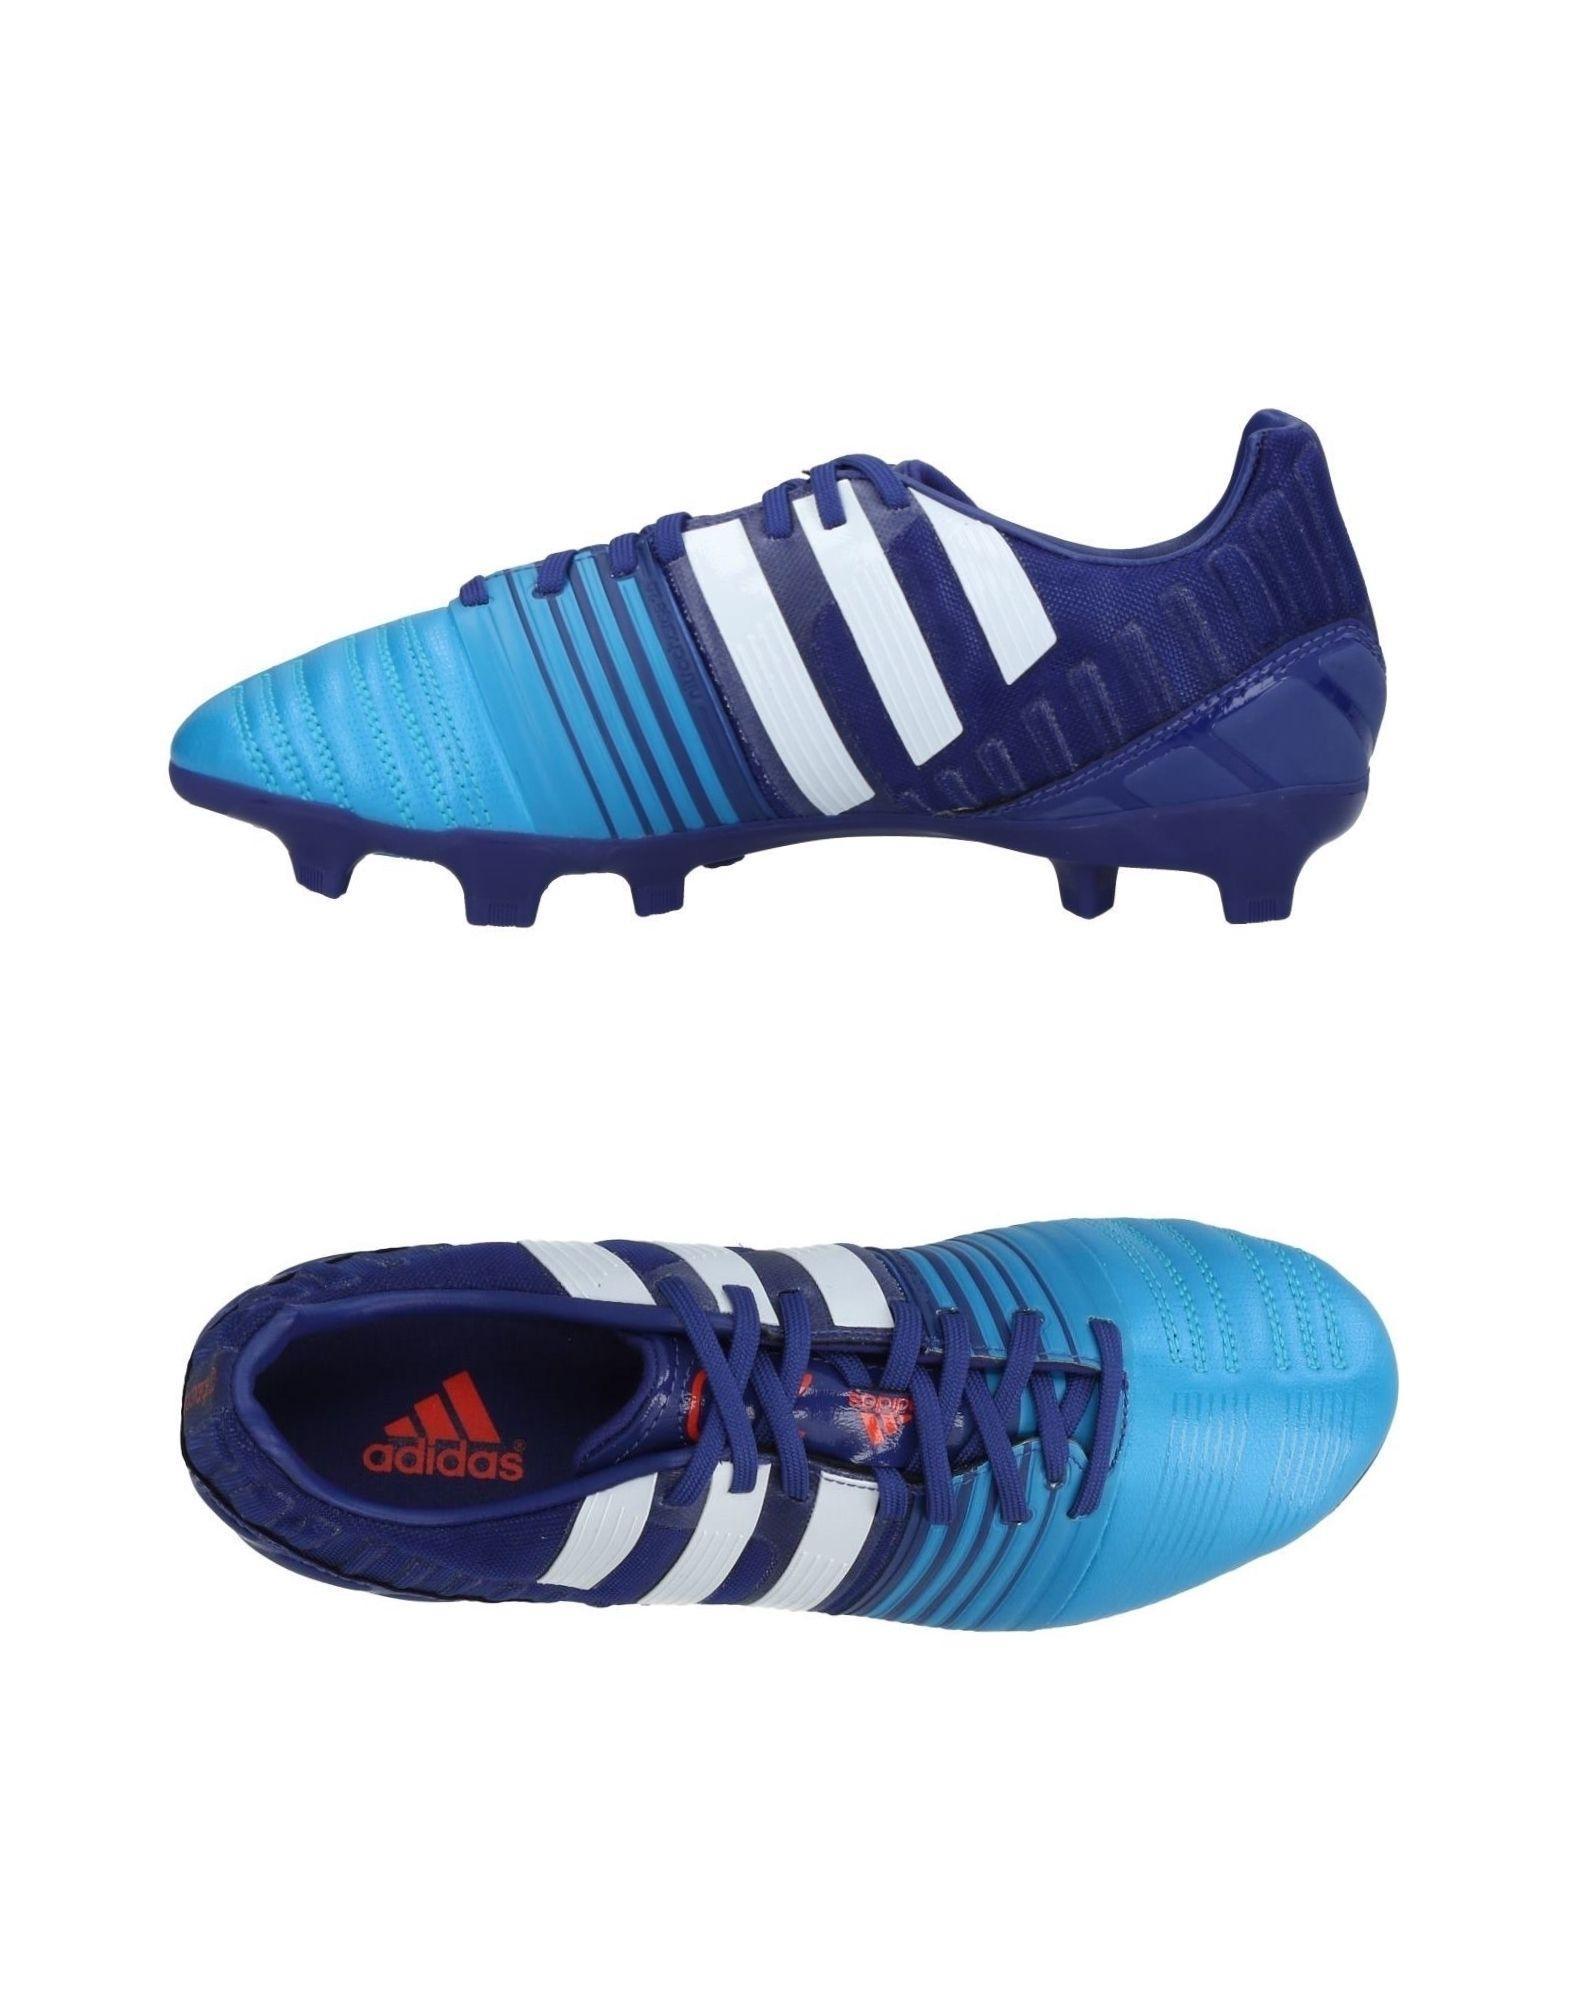 adidas schoenen rugby